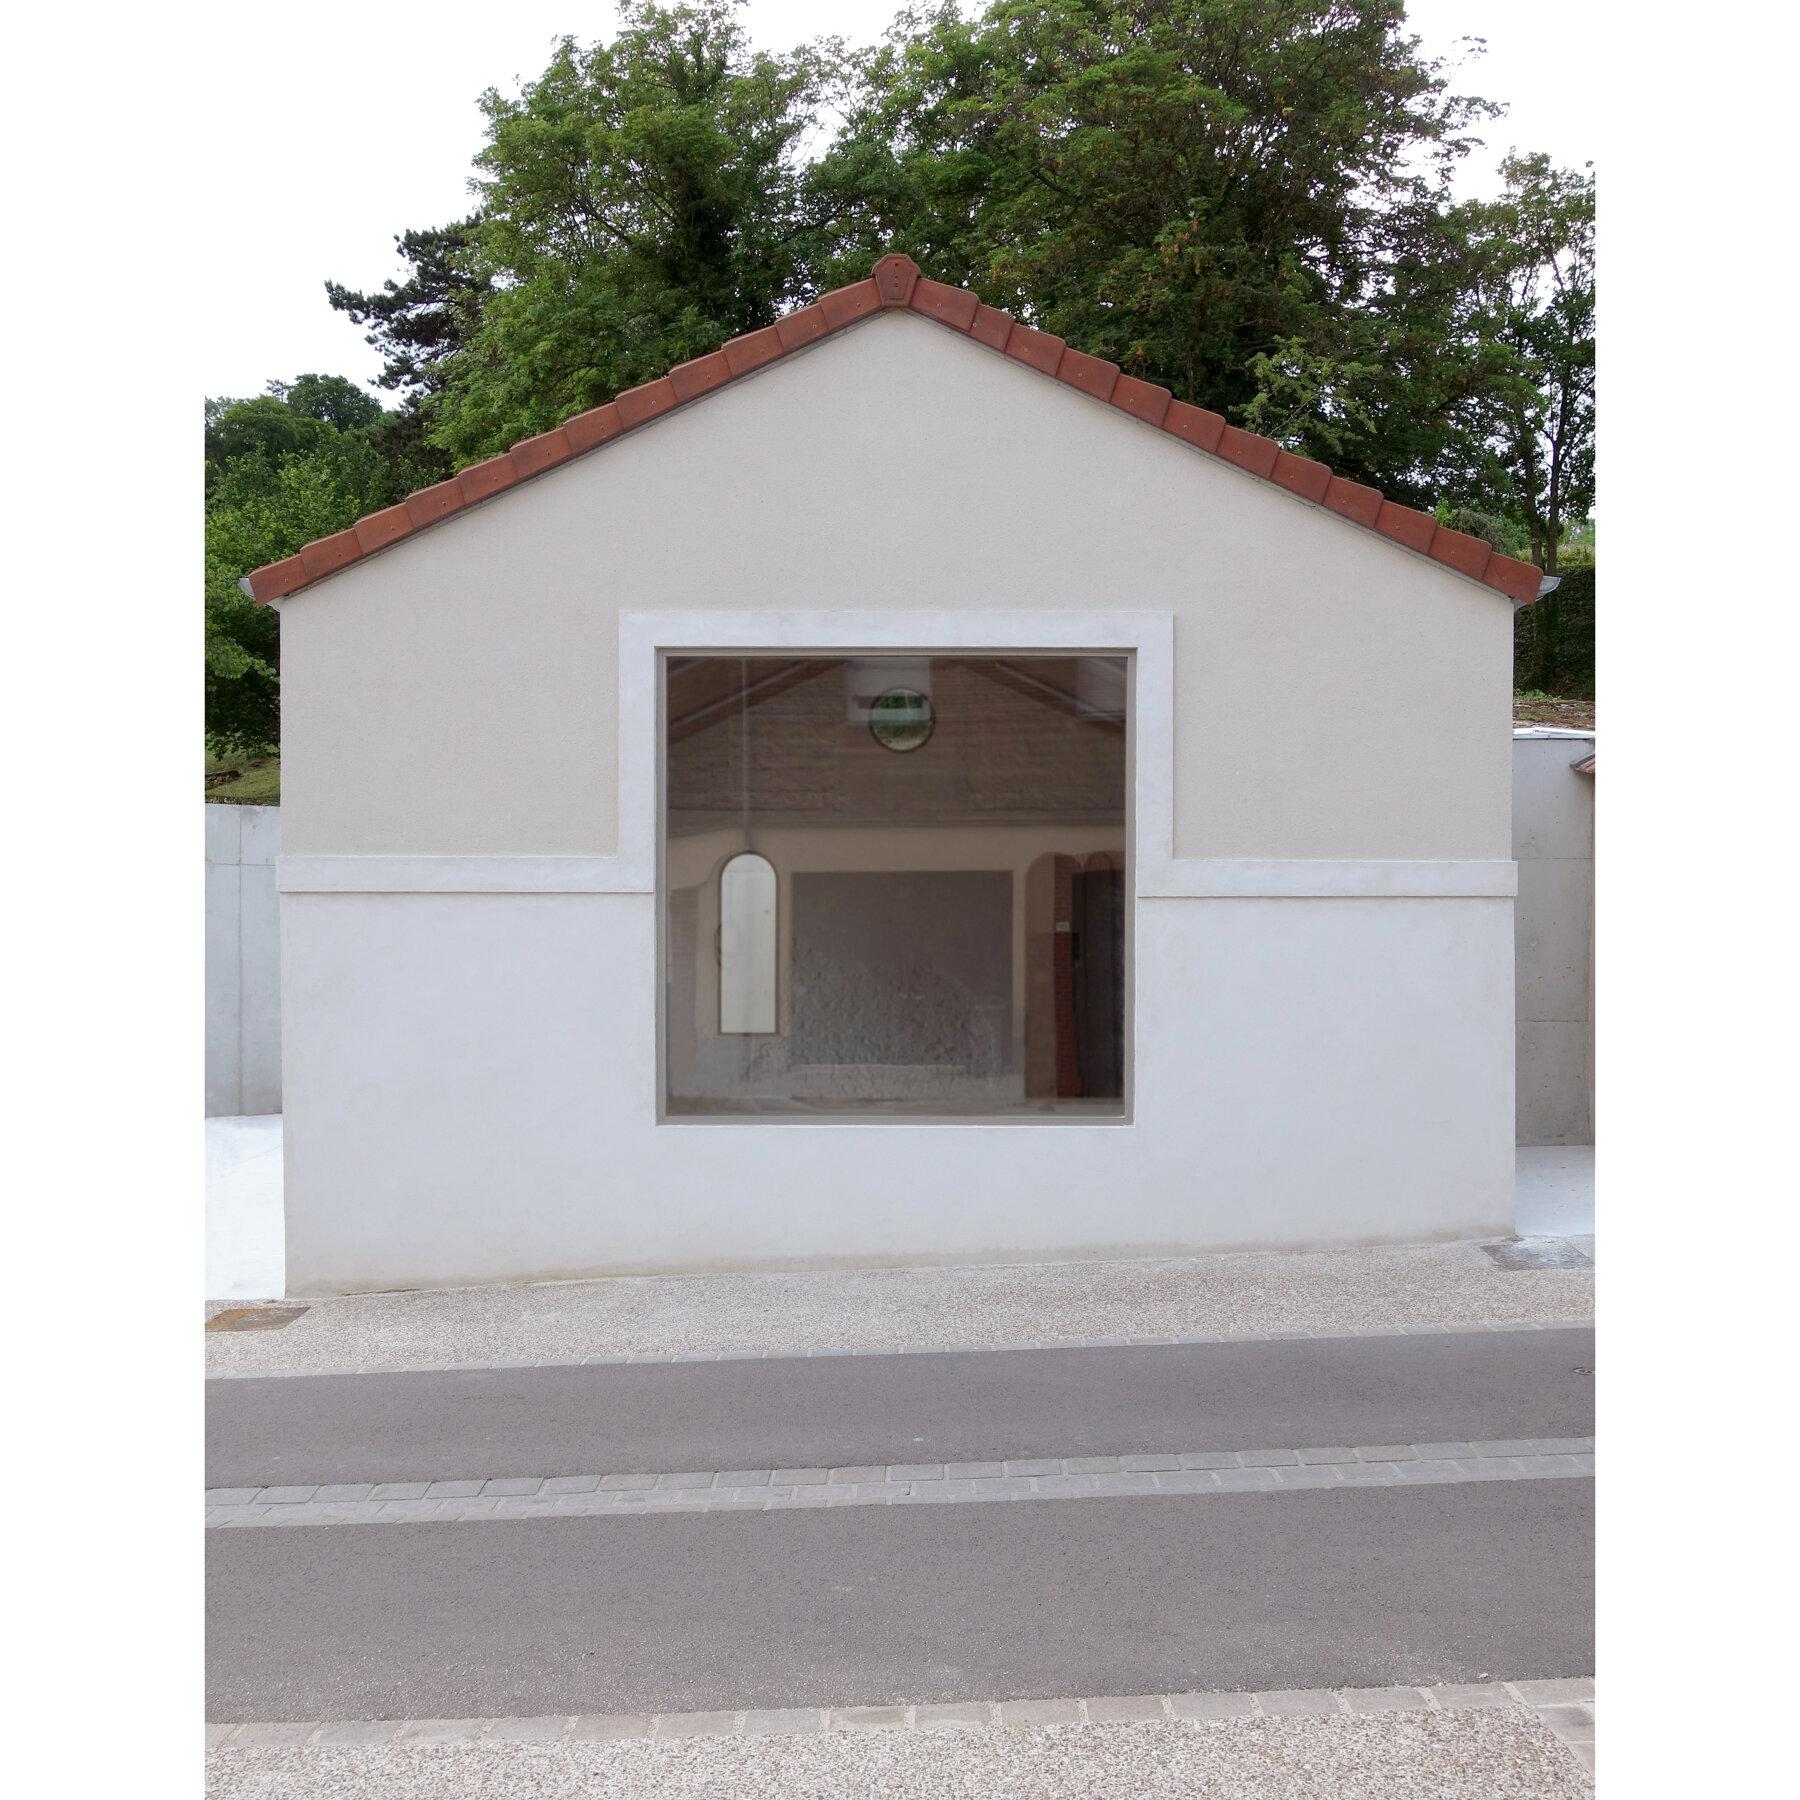 DOMAINE LANGLOIS - Équipement culturel + espaces publics et jardins, Hautvillers (51)